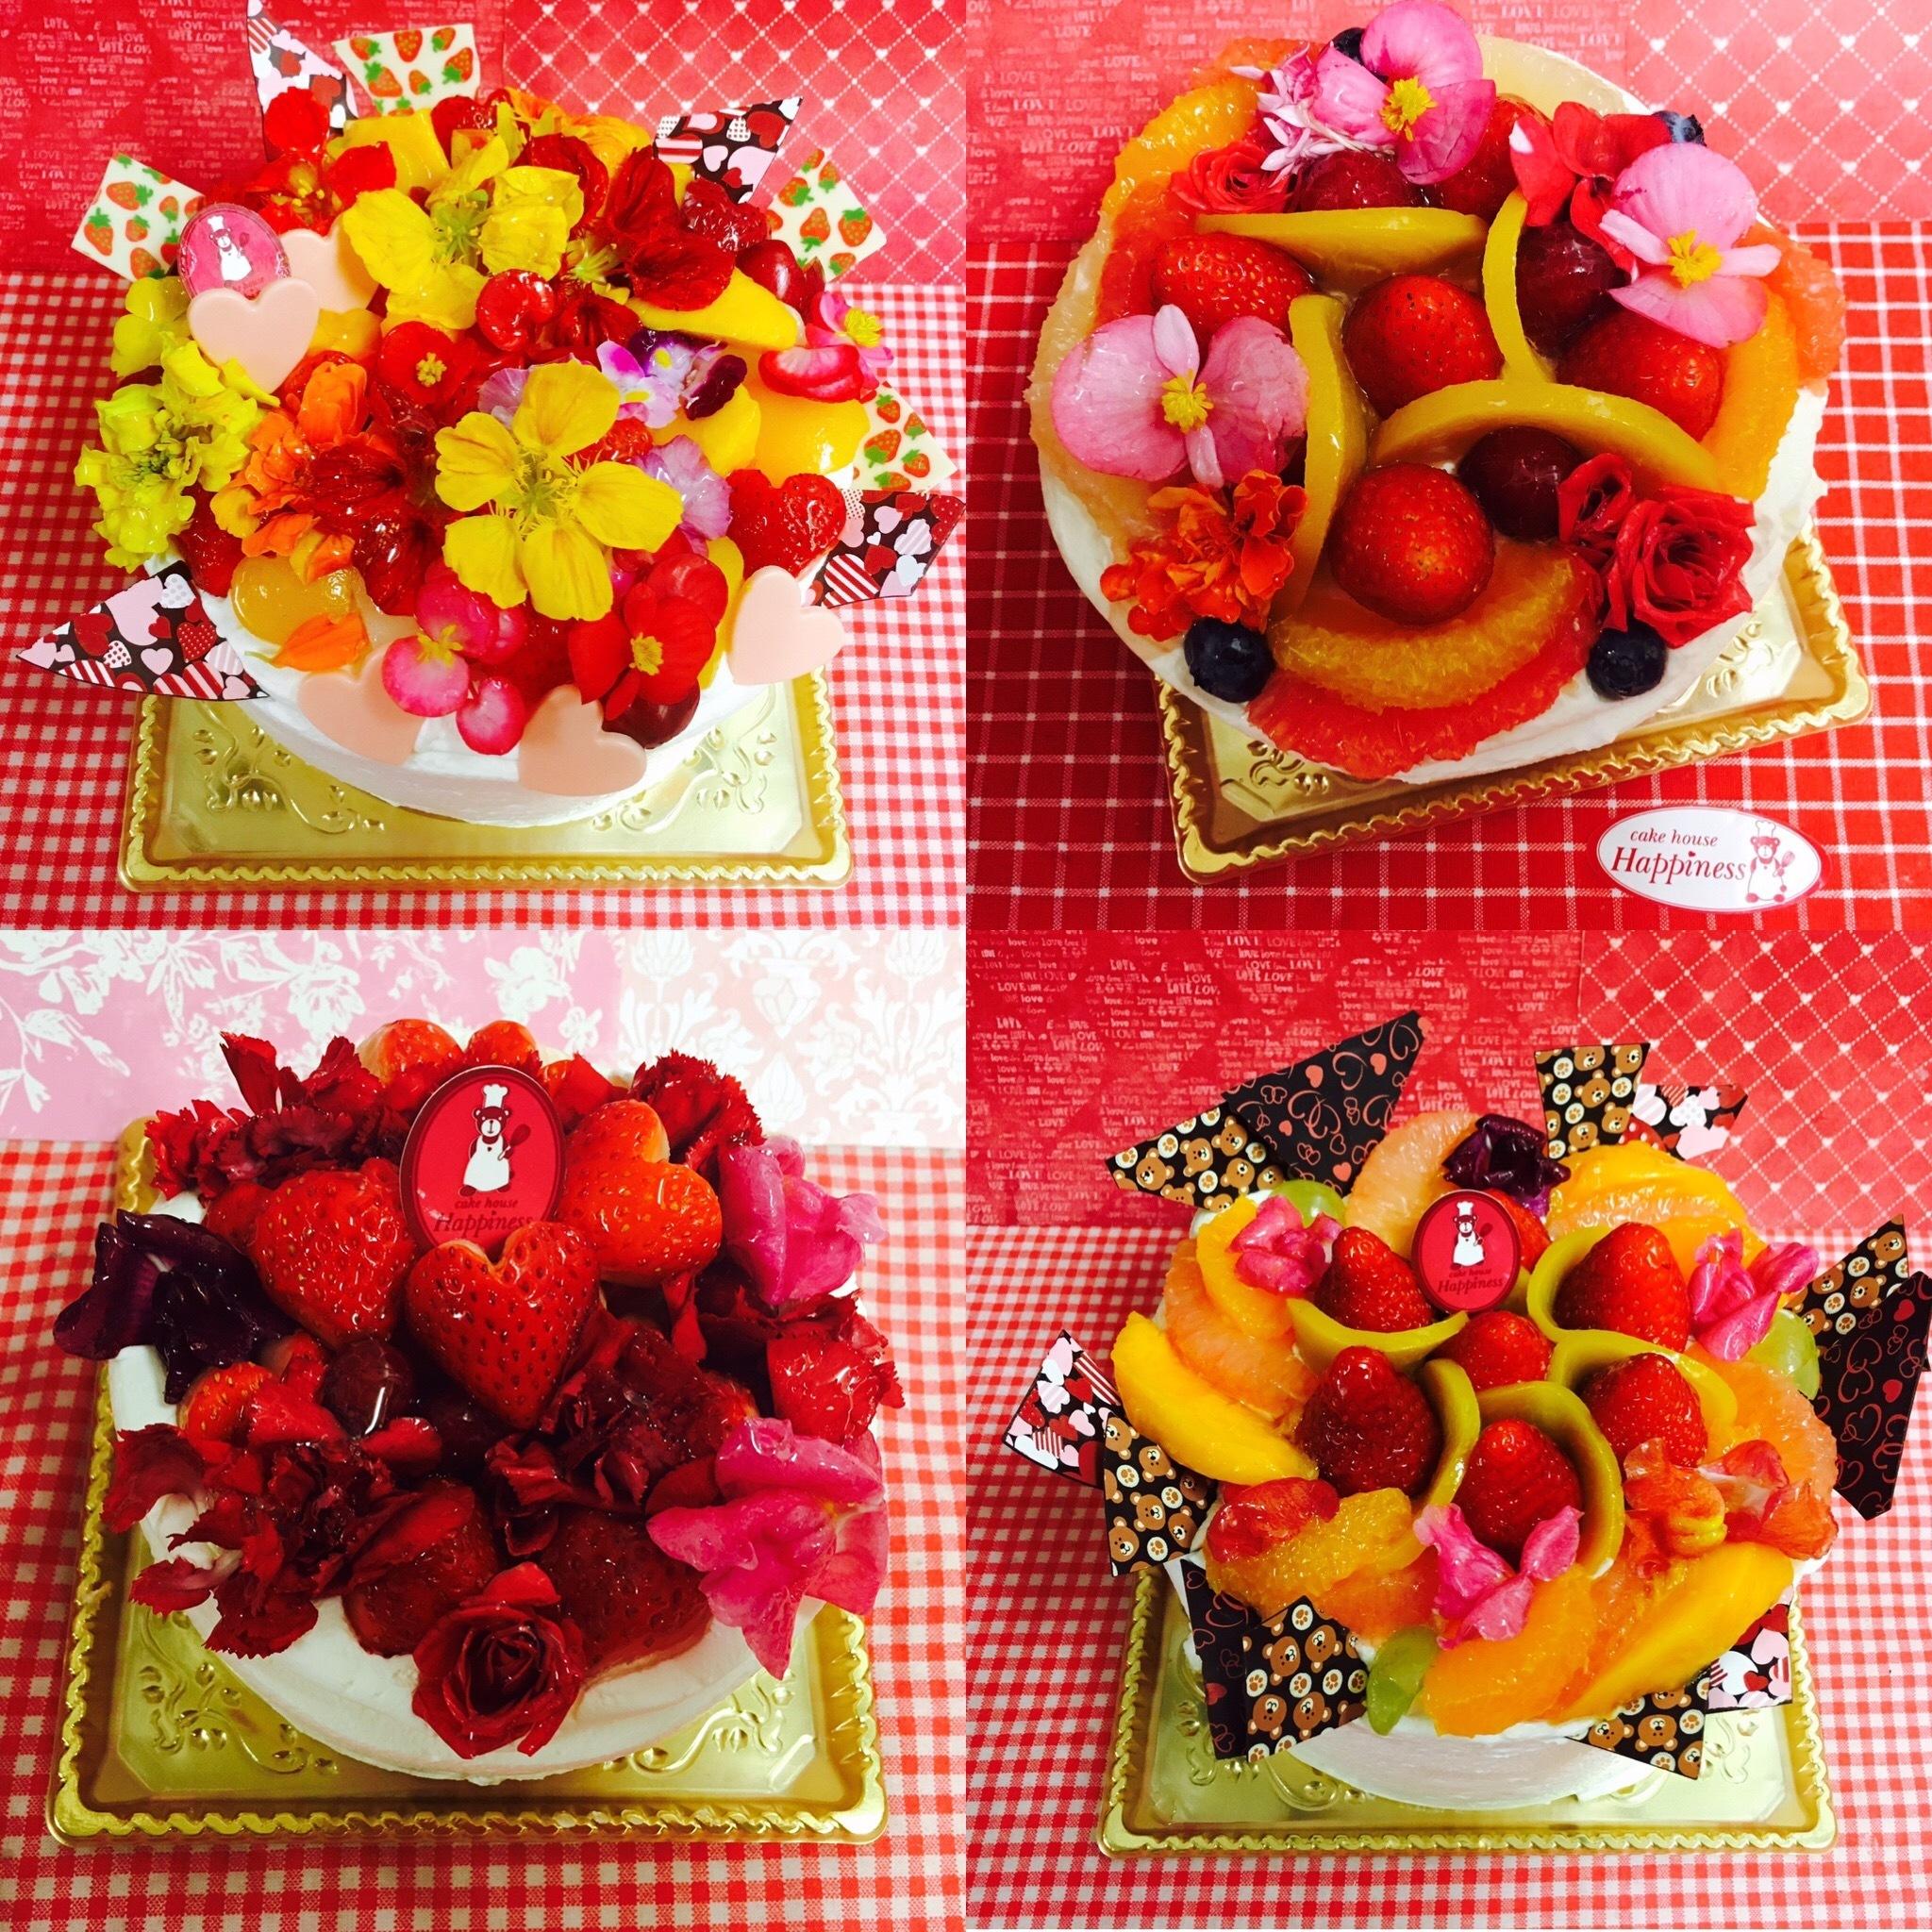 食用花トッピングのデコレーションケーキ♪母の日のプレゼント用にご予約承り中です♪